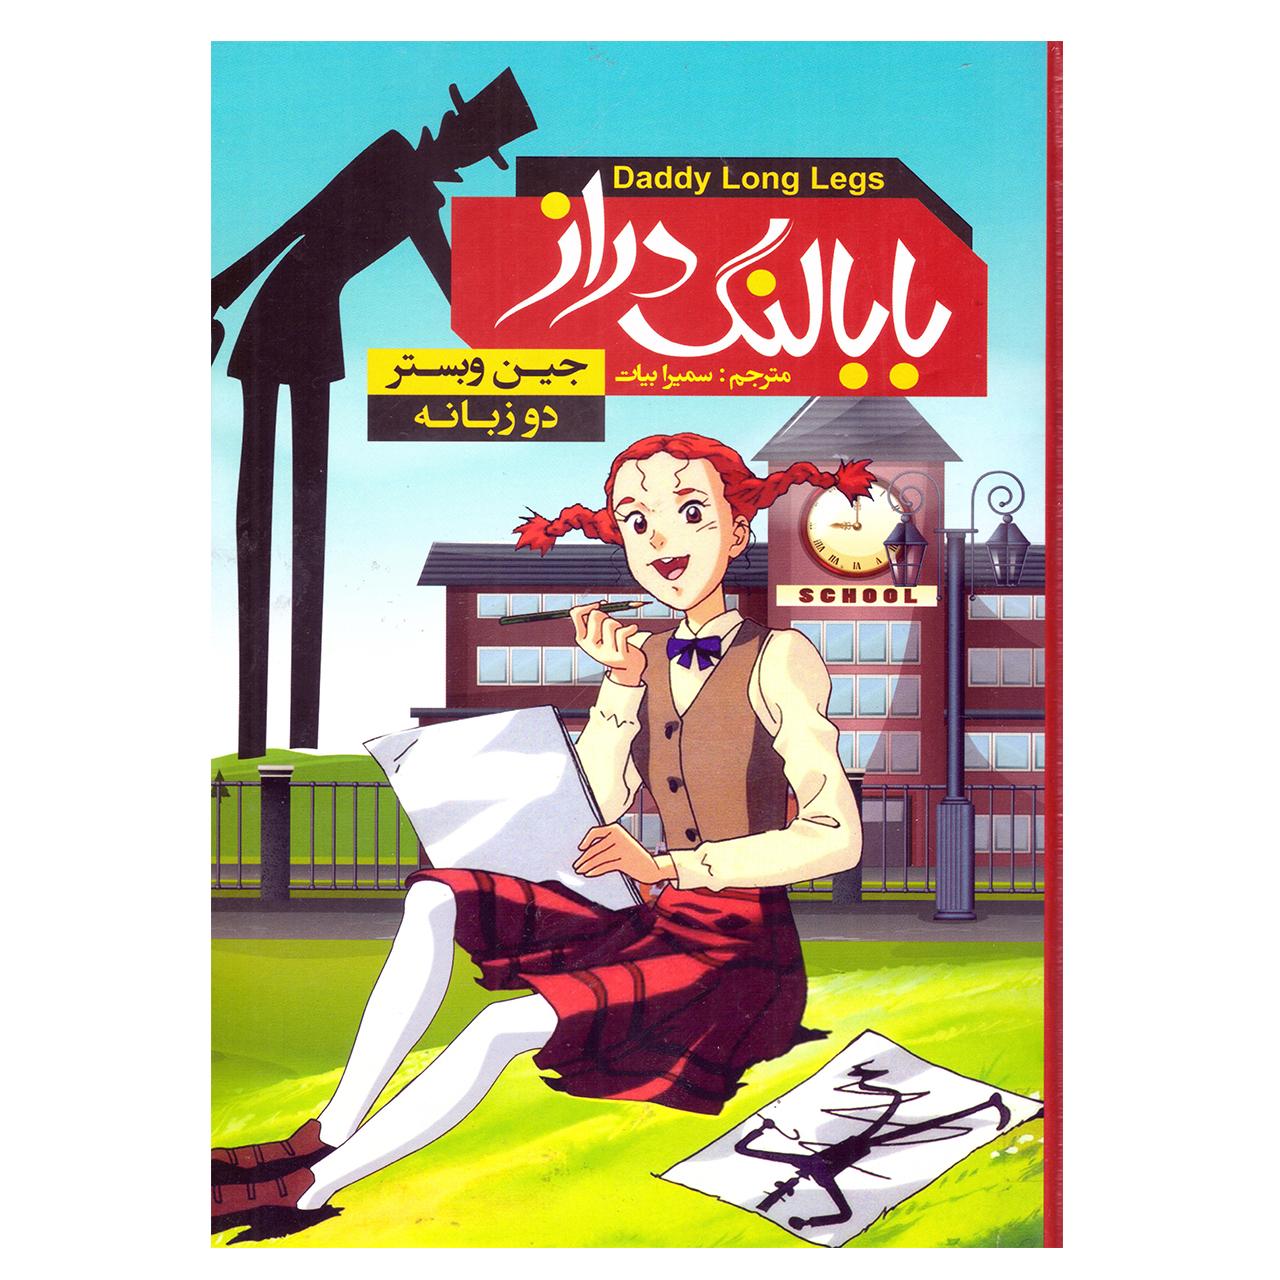 خرید                      کتاب بابا لنگ دراز اثر جین وبستر انتشارات آتیسا